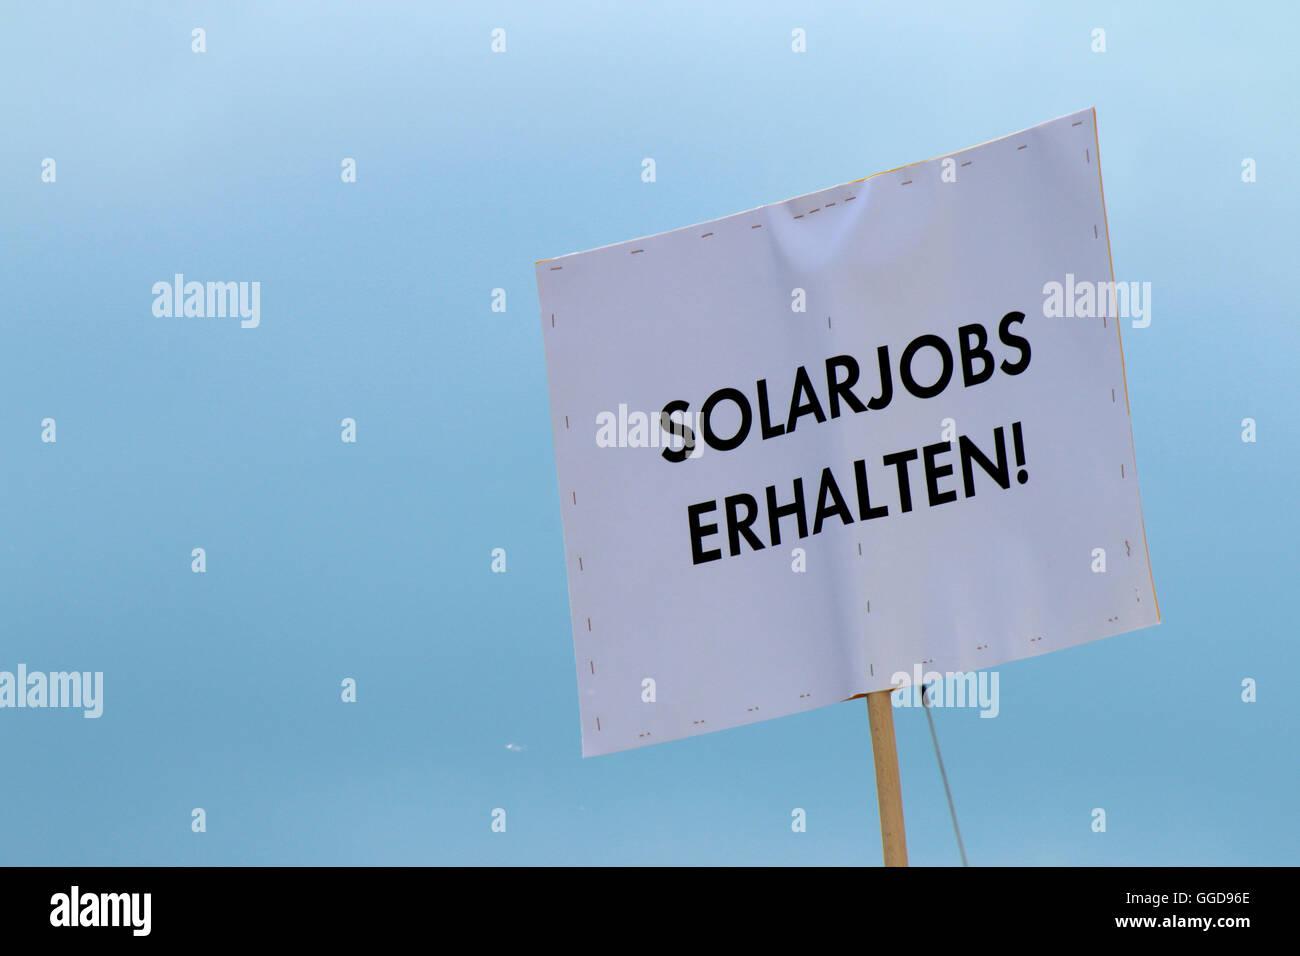 'Solarjobs erhalten' - Protestplakat auf Demonstration fuer regenerative Energien, 2. Juni 2016, Berlin - Stock Image